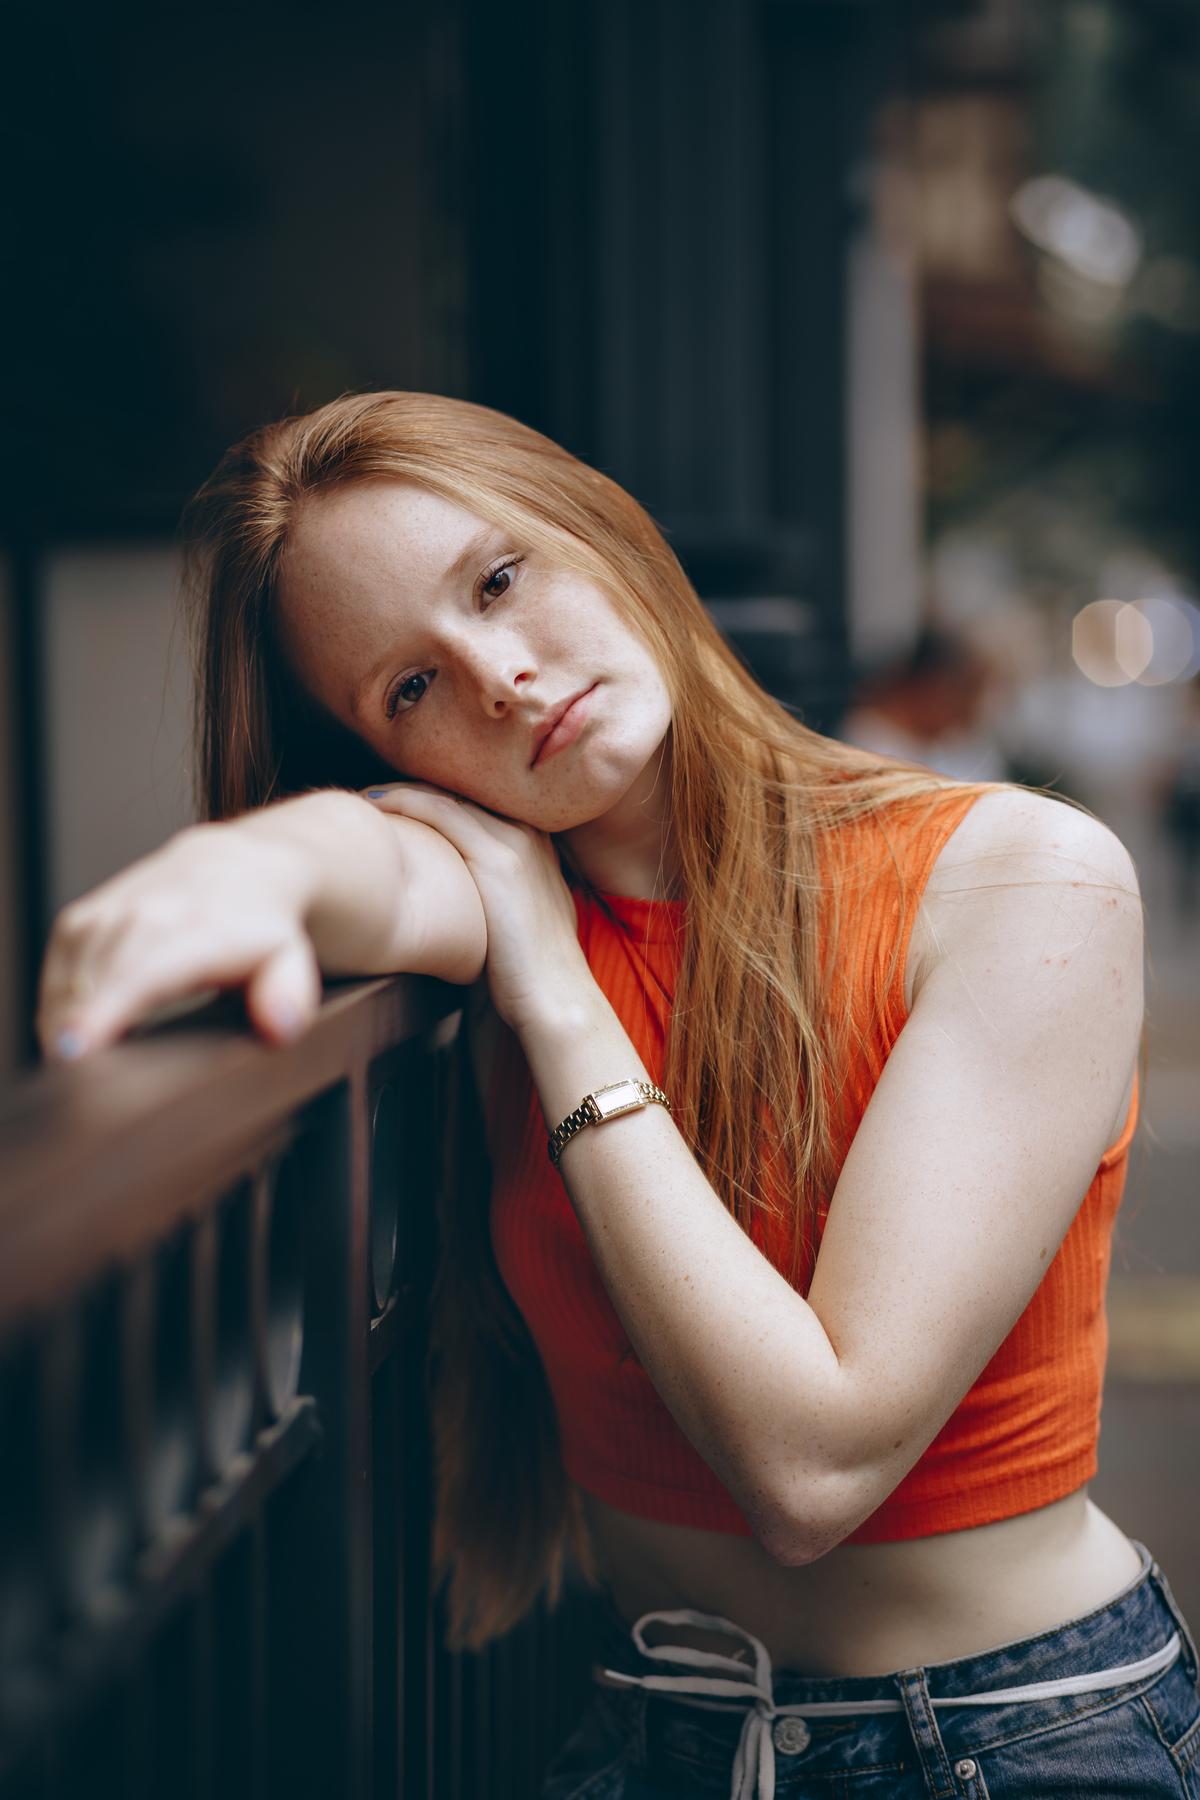 garota olhando com um olhar calmo para a camera em frente a the fifities burguer